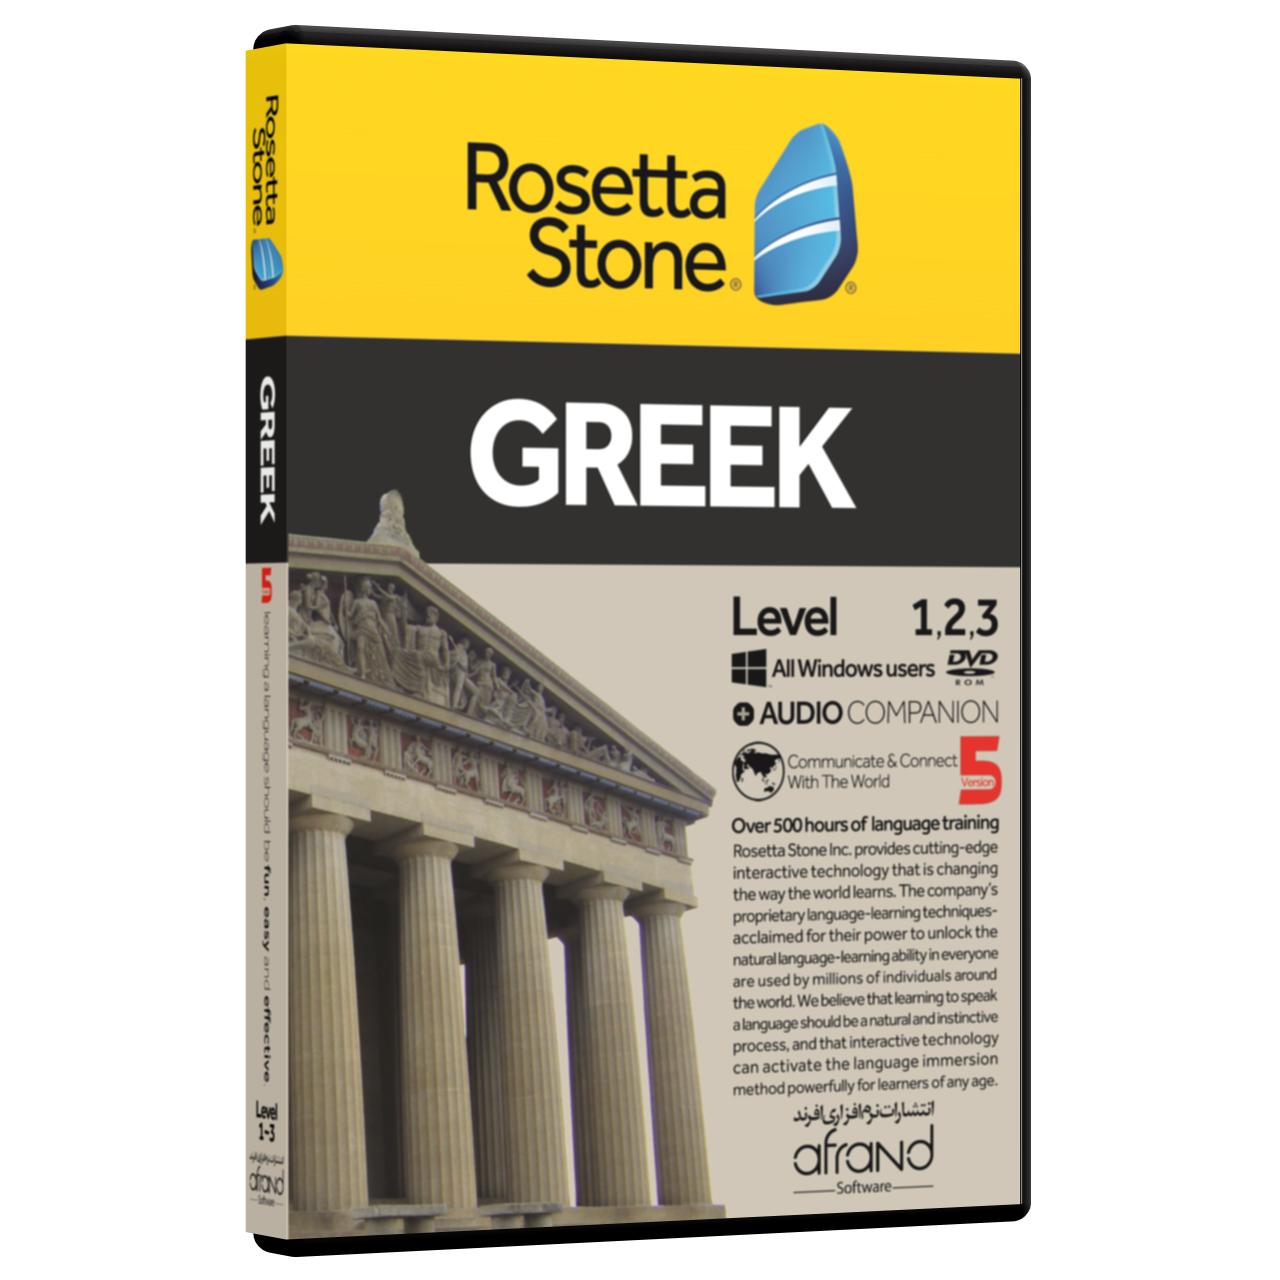 نرم افزار آموزش زبان یونانی رزتااستون نسخه 5 انتشارات نرم افزاری افرند